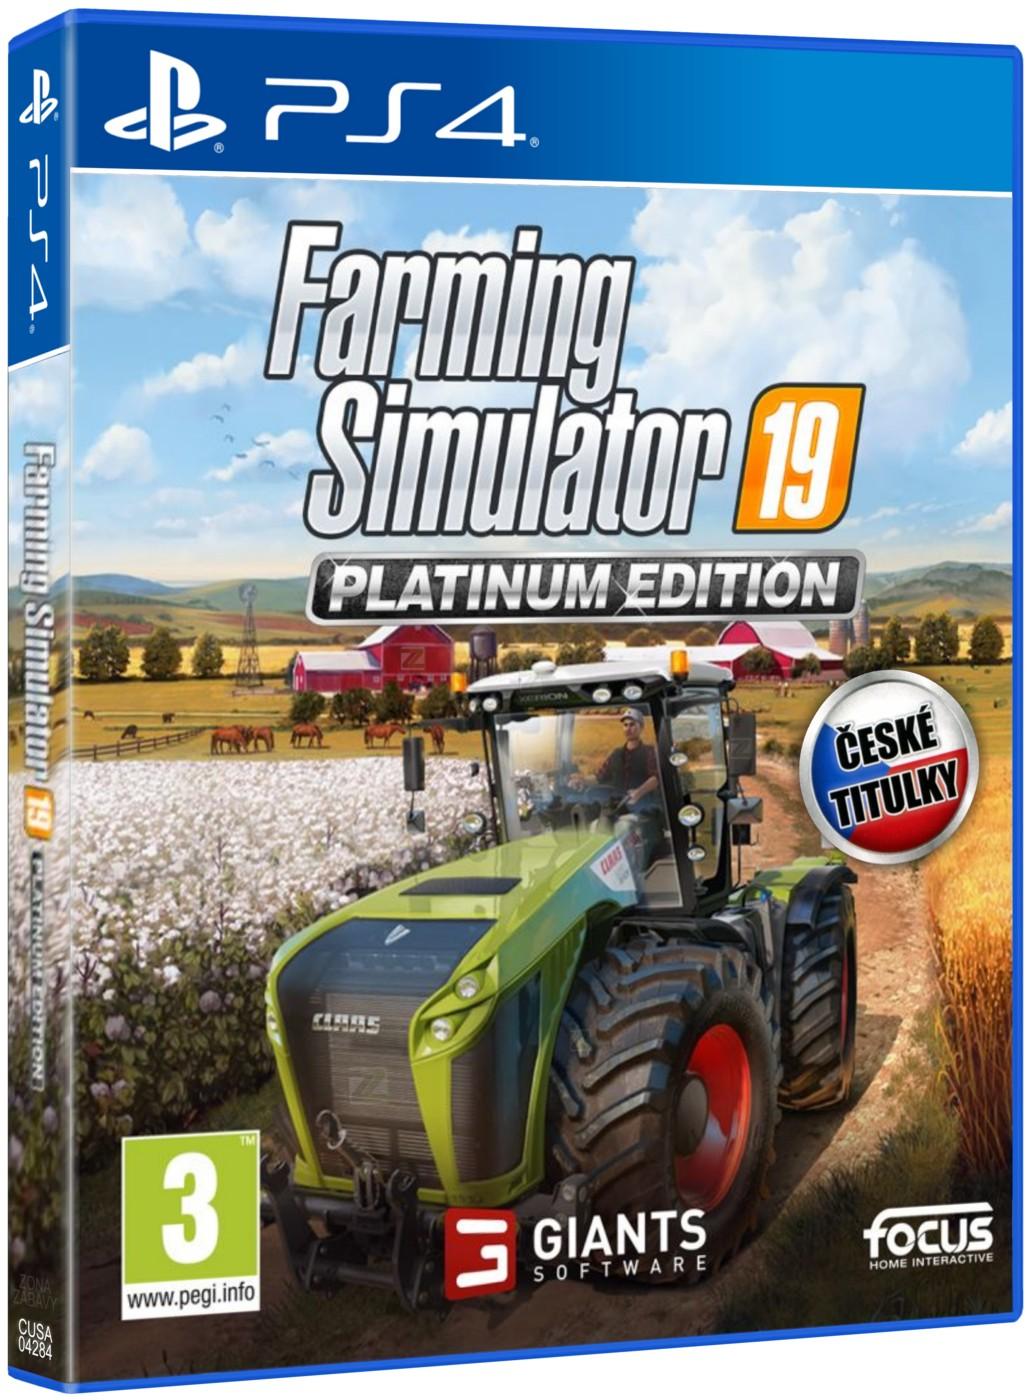 Farming simulator 19 ps4 platinum edition